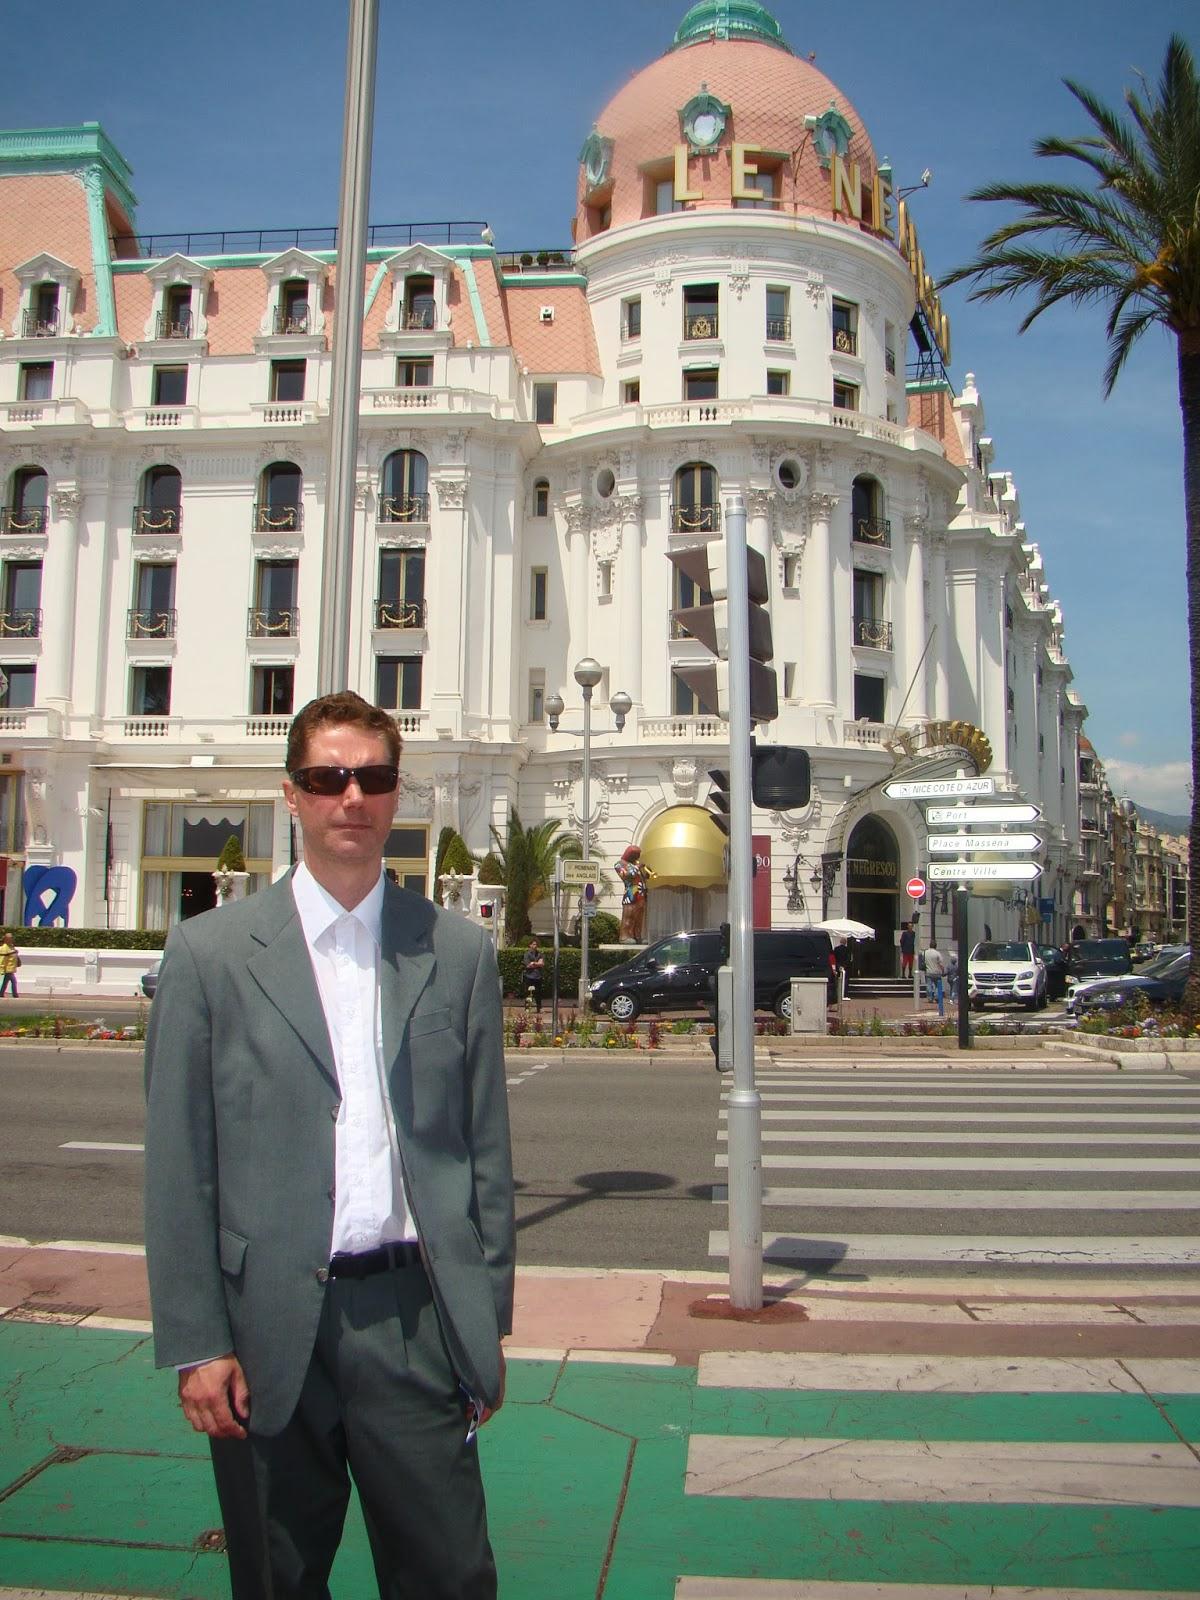 007 travelers 007 hotel le negresco nice france. Black Bedroom Furniture Sets. Home Design Ideas